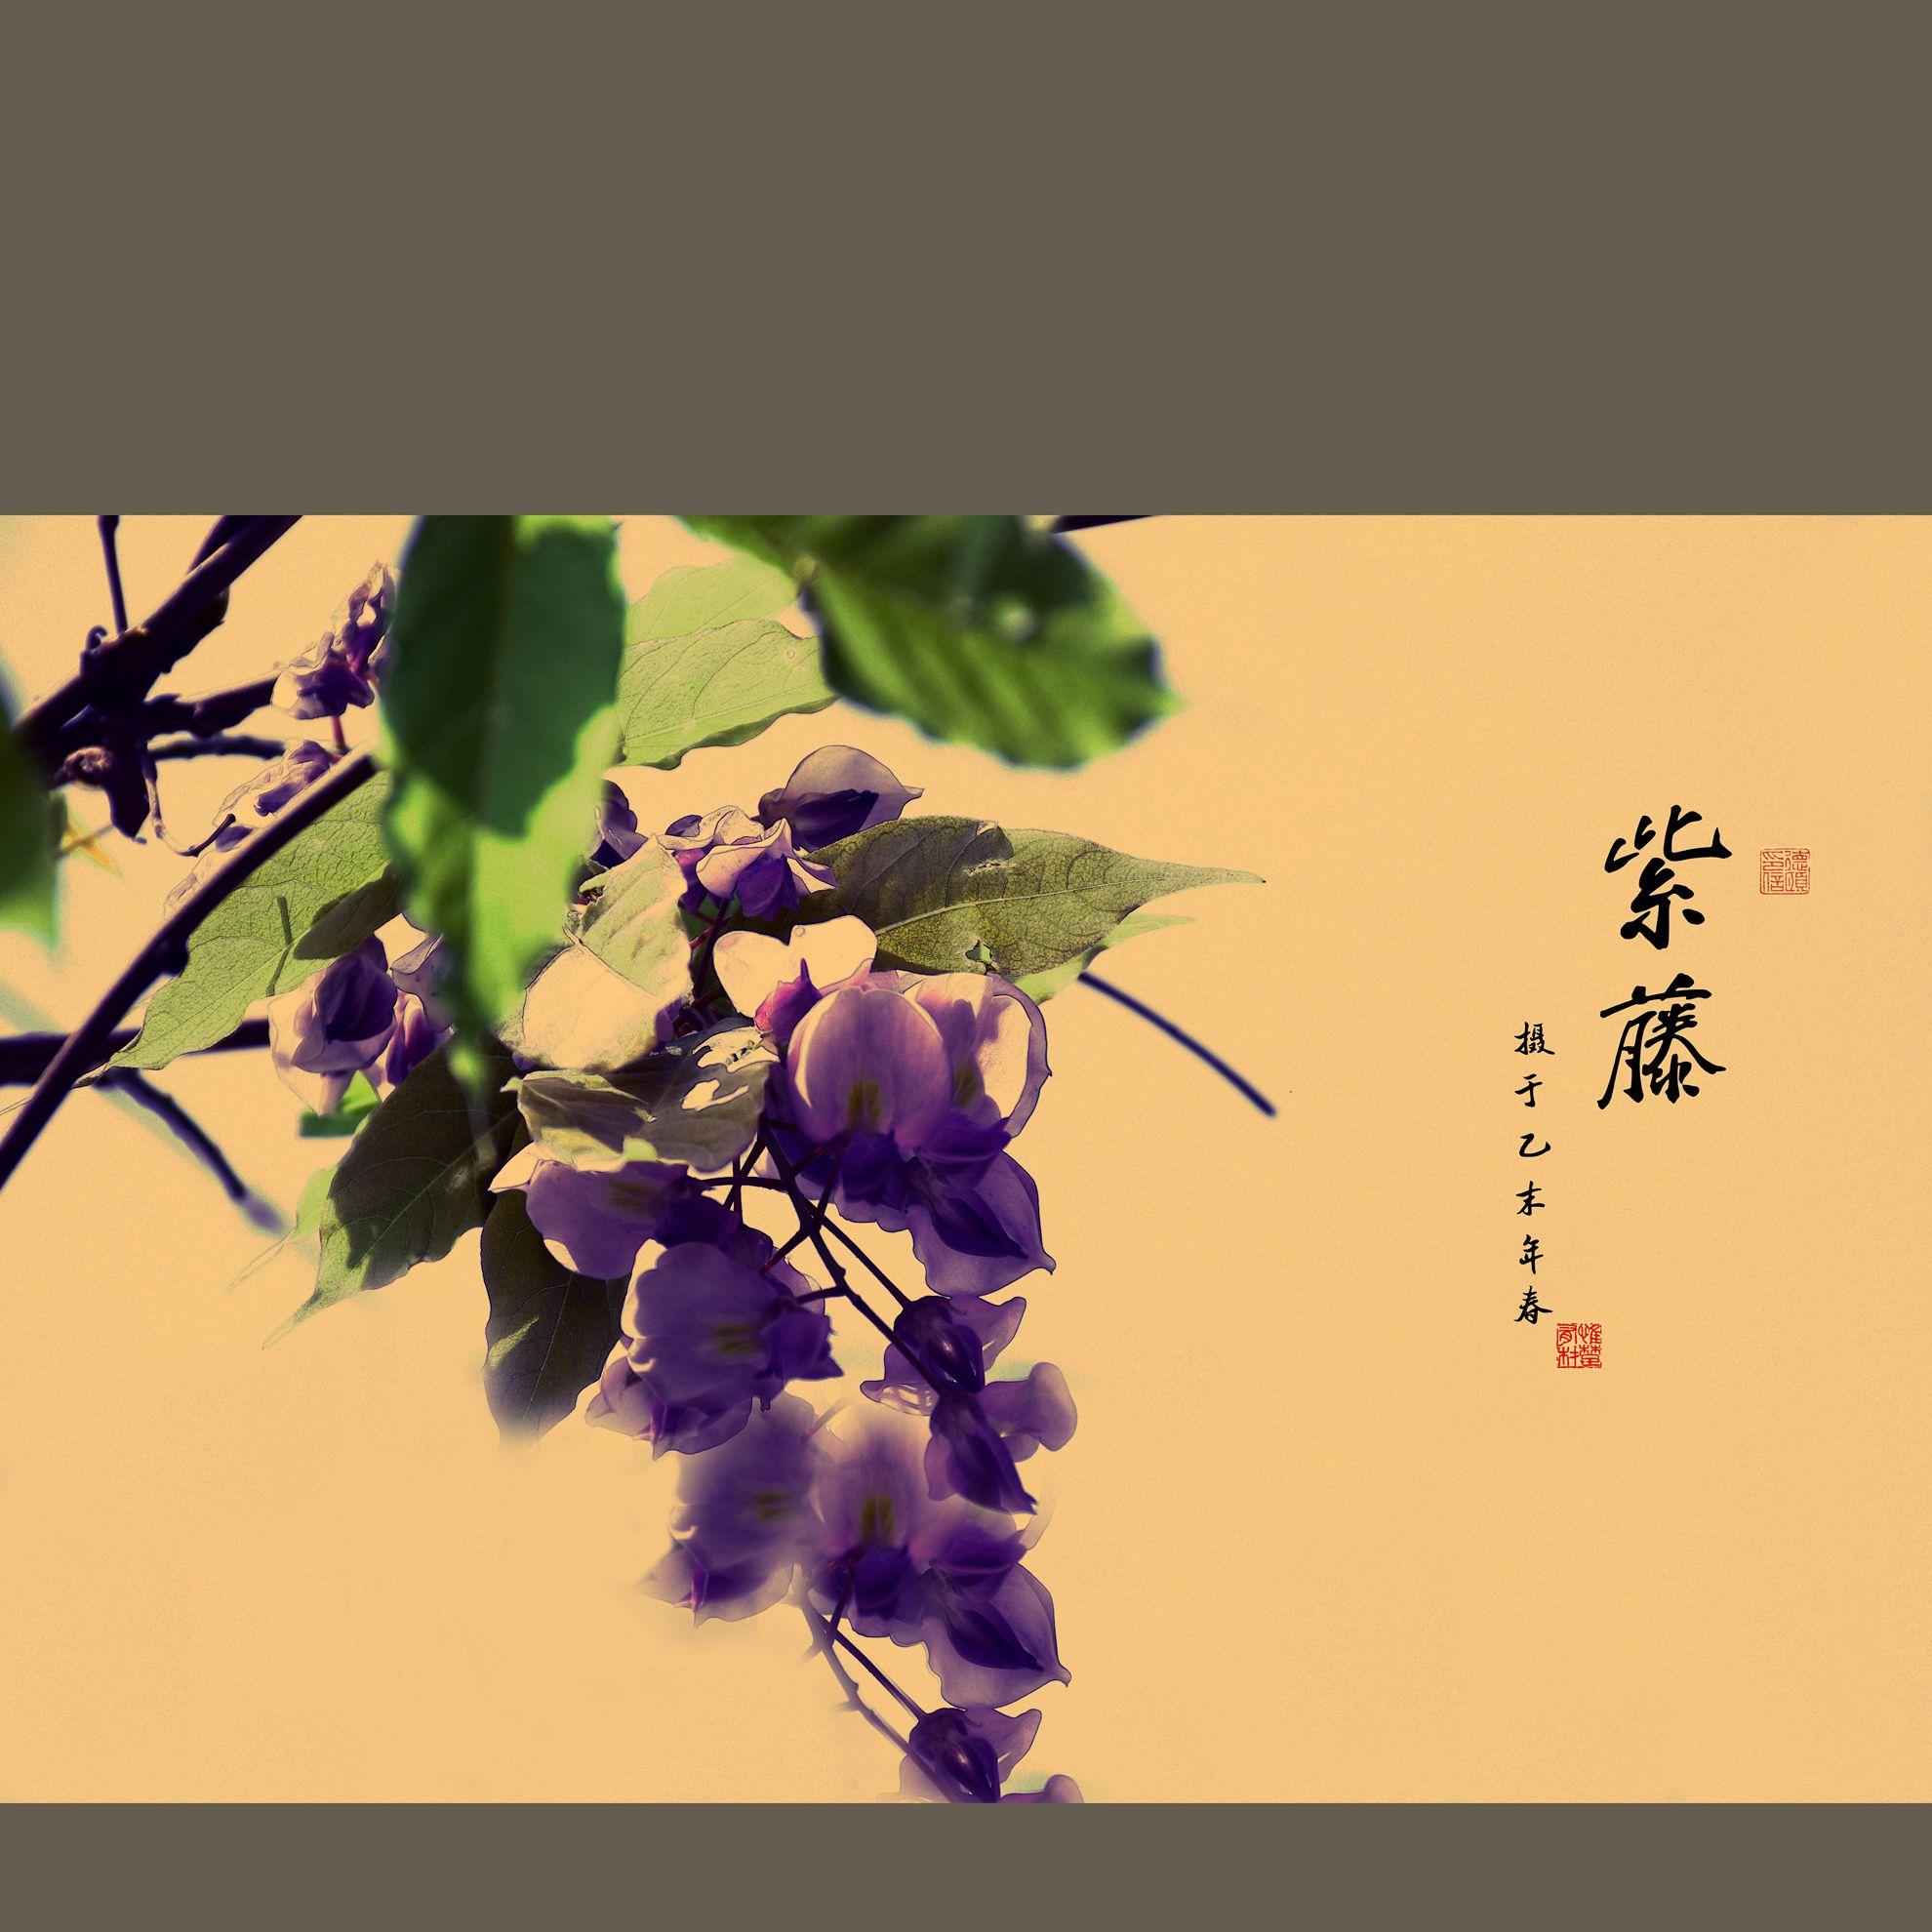 长江0081234作品:紫藤